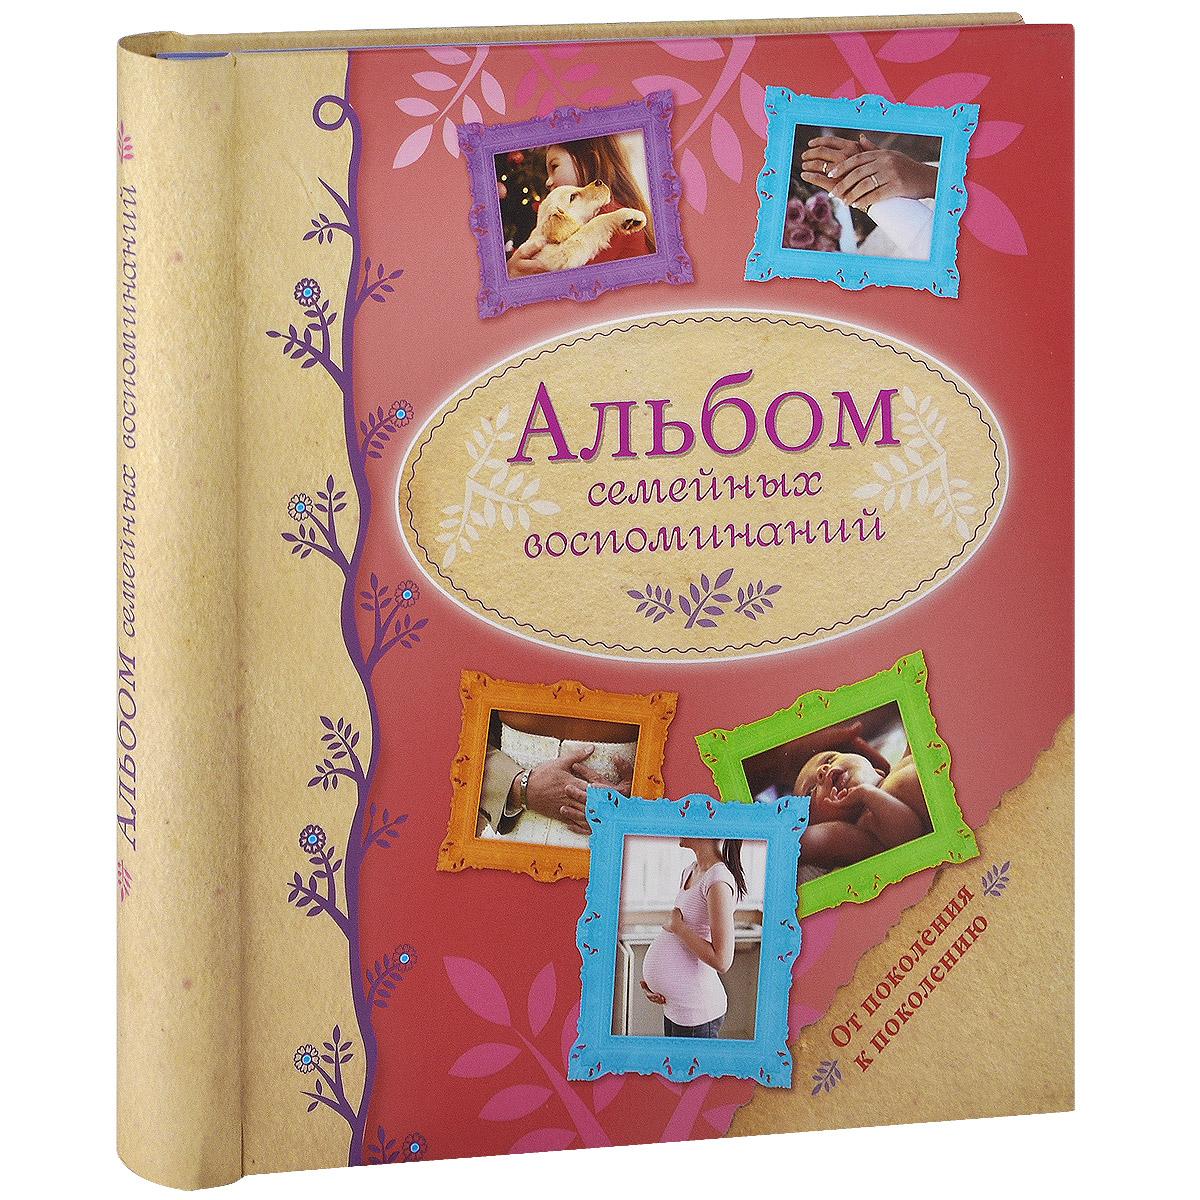 Альбом семейных воспоминаний ( 978-5-906025-48-7 )